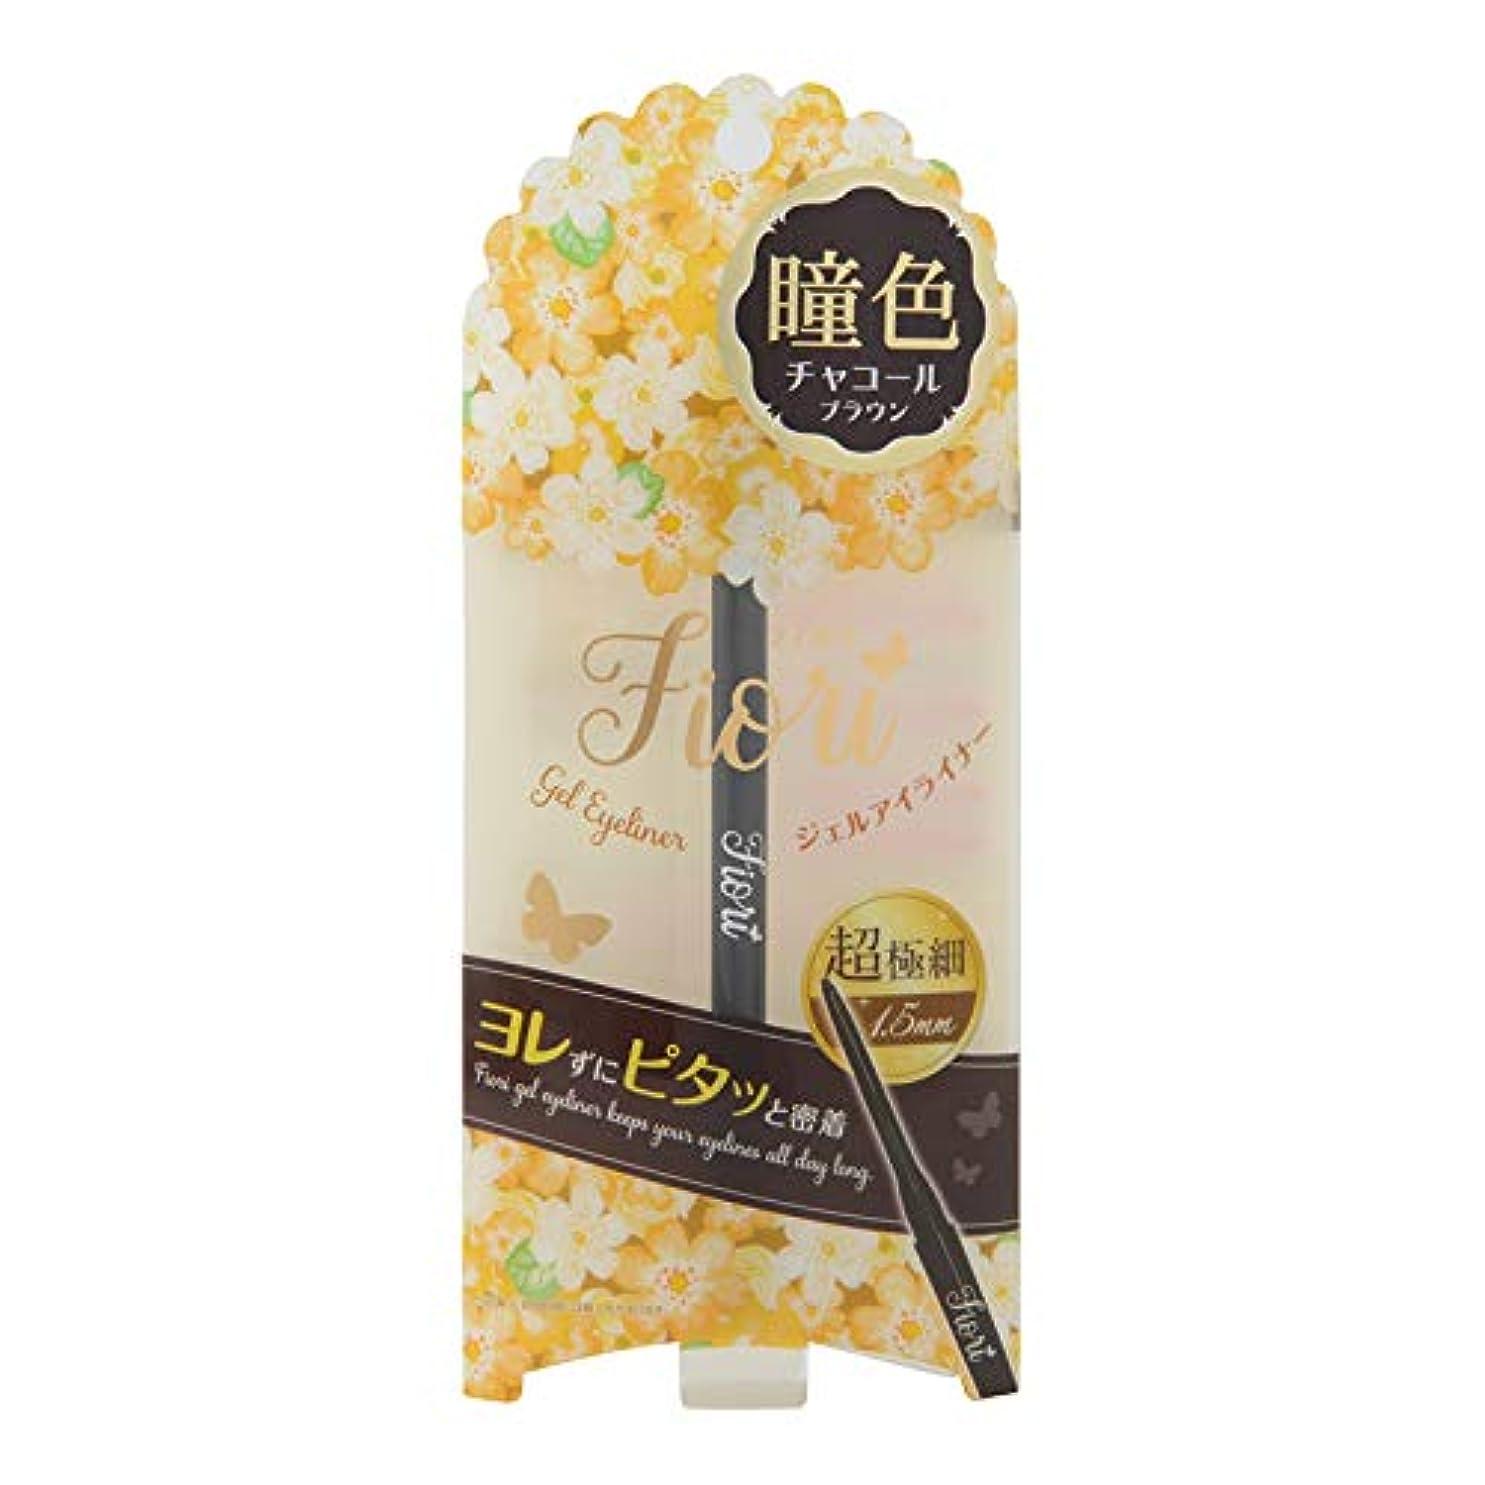 同化疲労物理的にフィオリ ジェルアイライナー WP アイライナー 日本製 ペンシル レディース 人気 おすすめ 落ちない 落ちにくい (チャコールブラウン)